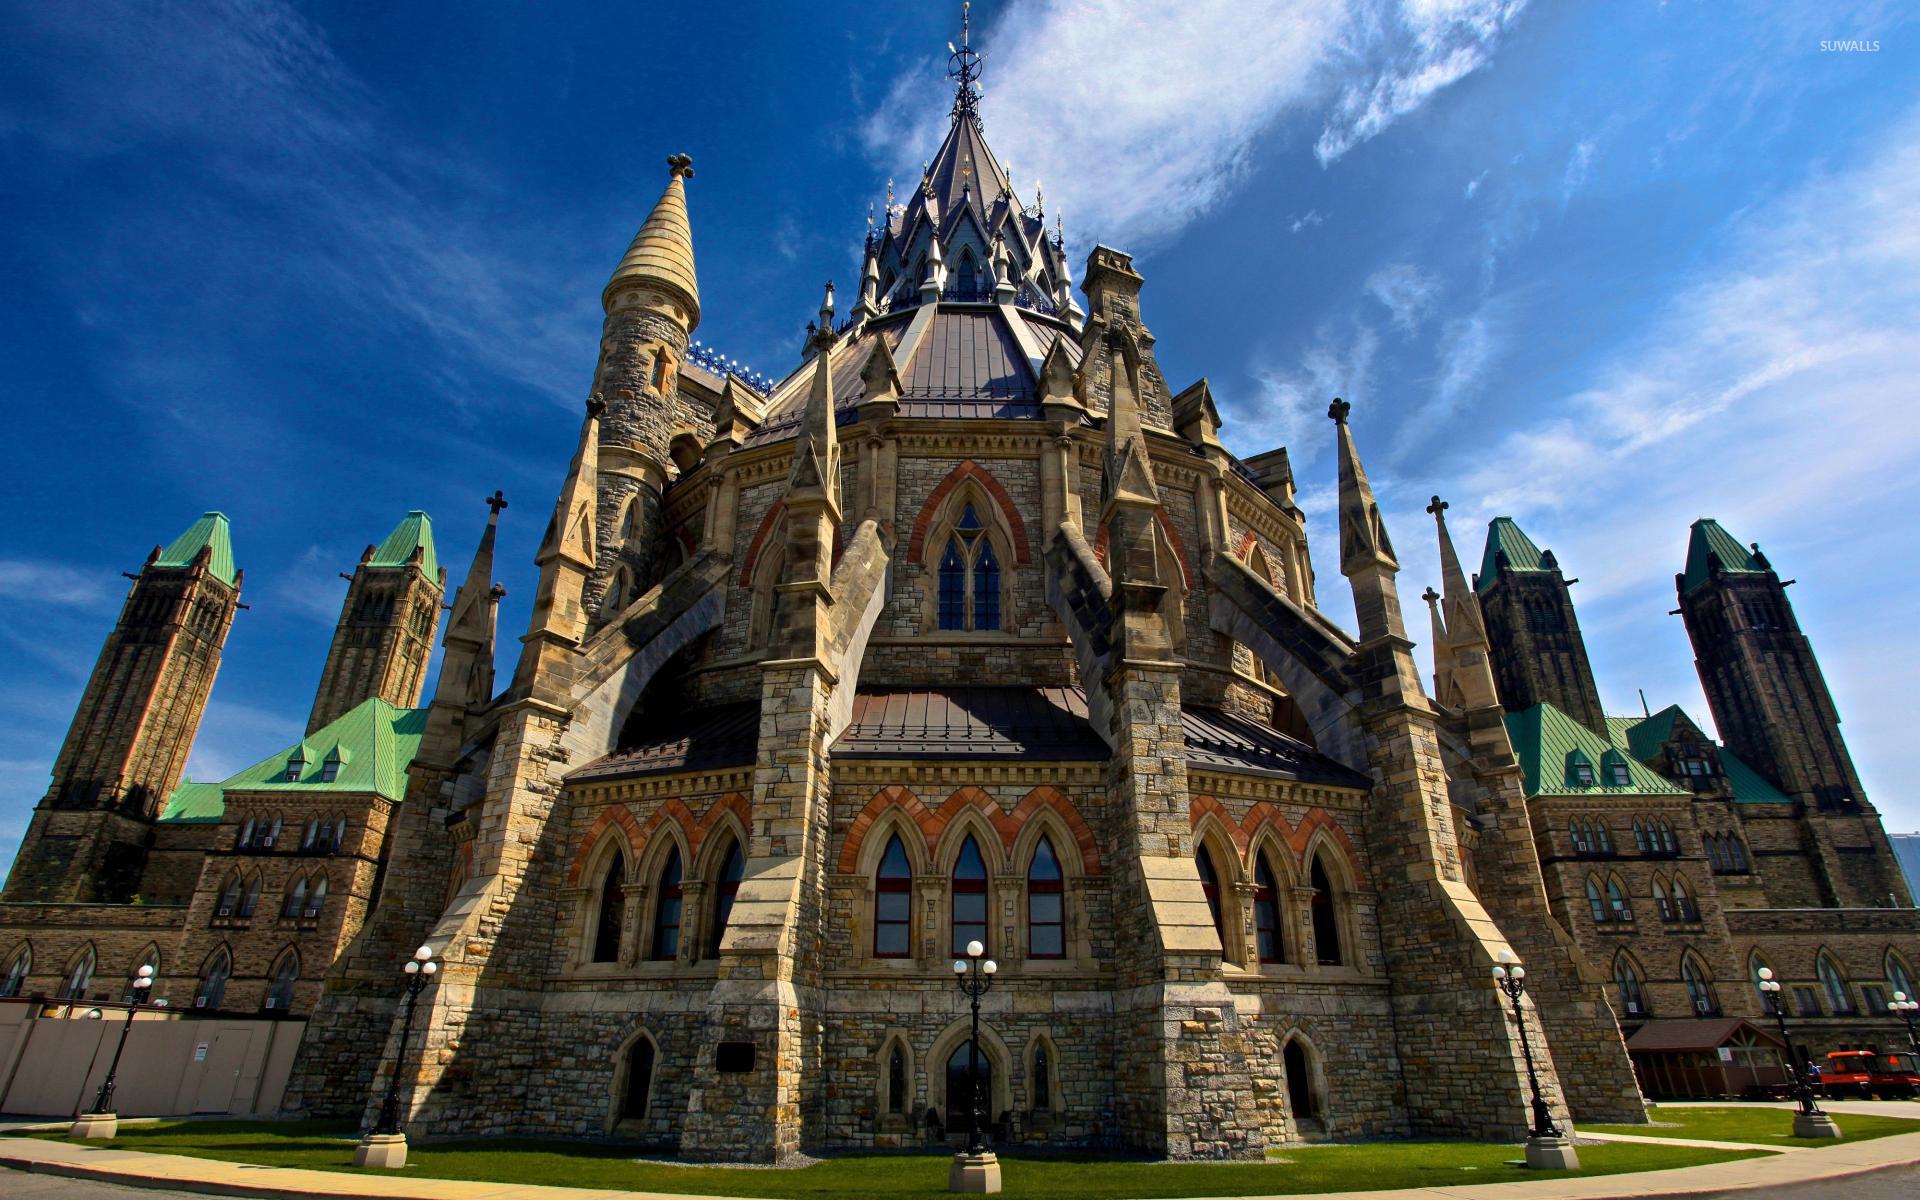 Parliament Building, Ontario, Canada  № 932255 загрузить